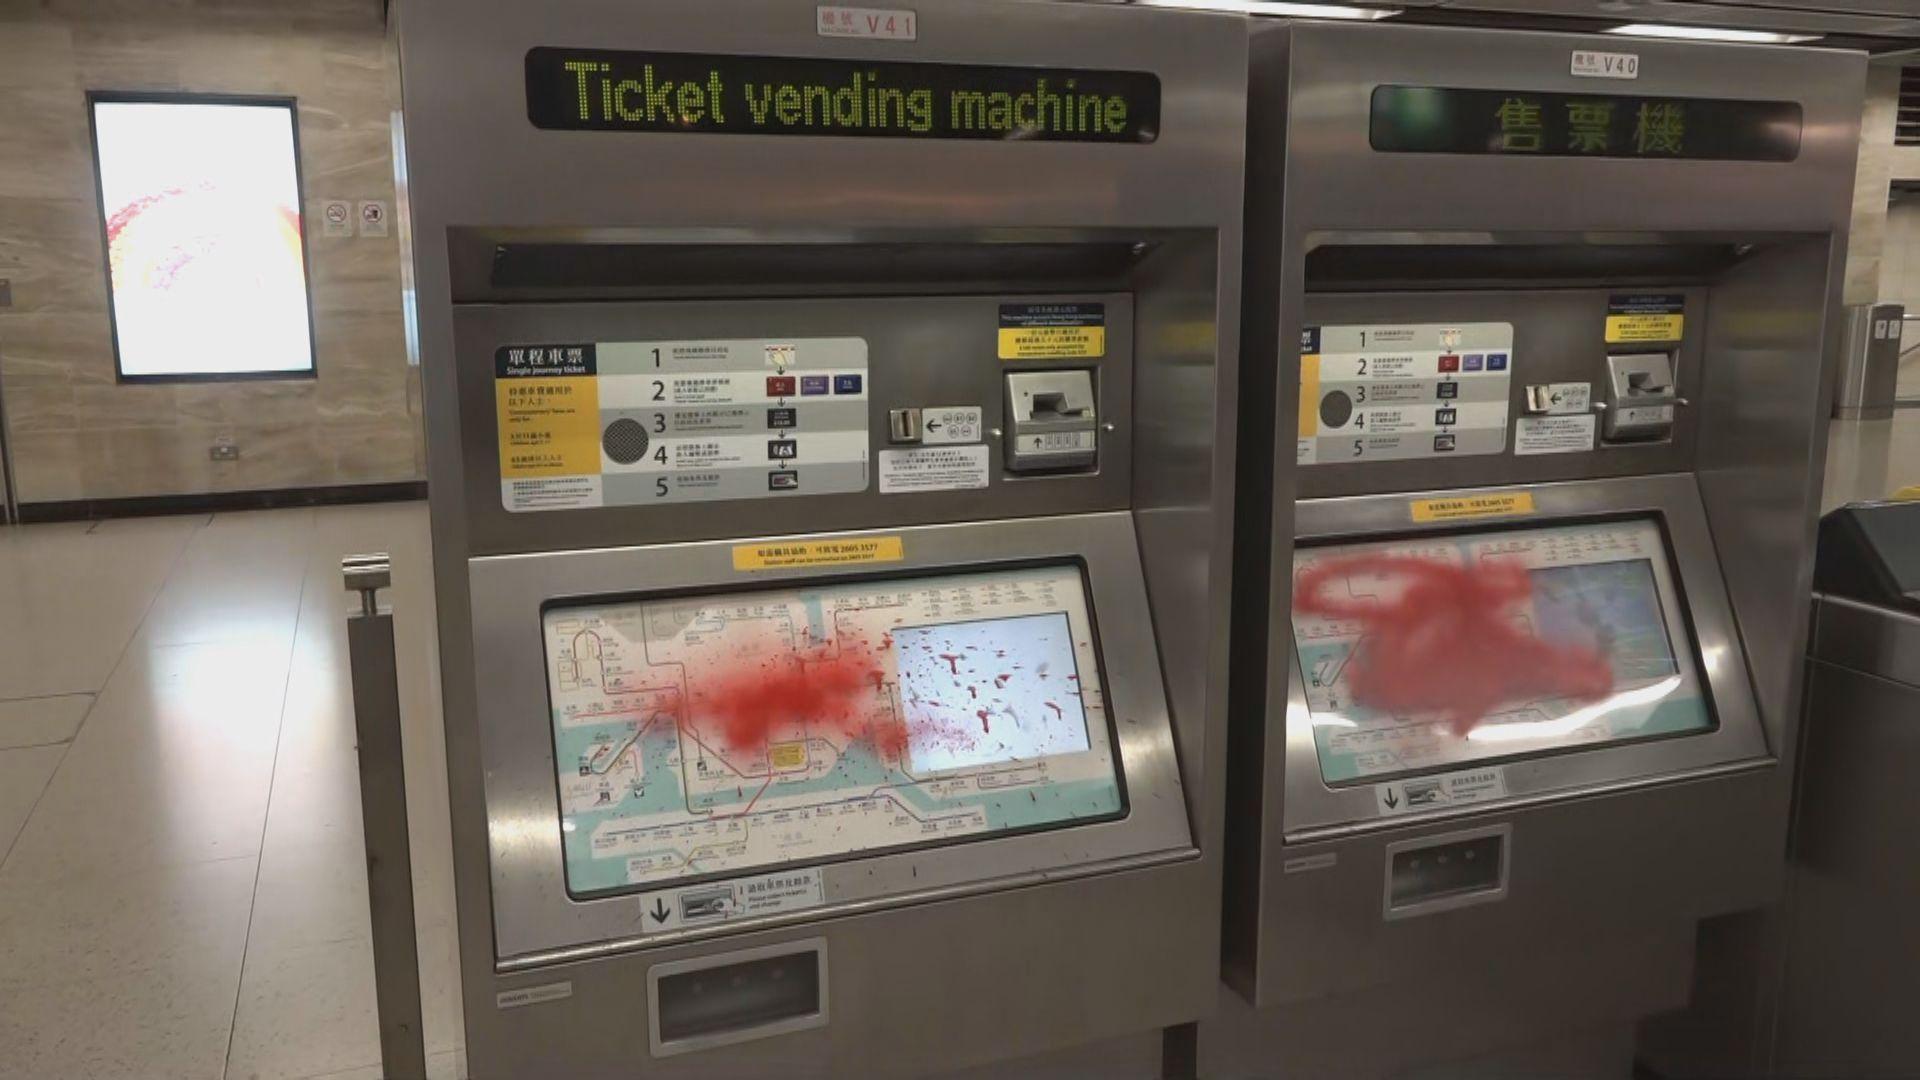 港鐵:周日至少12個車站受惡意破壞 部分車站周一或無法恢復服務